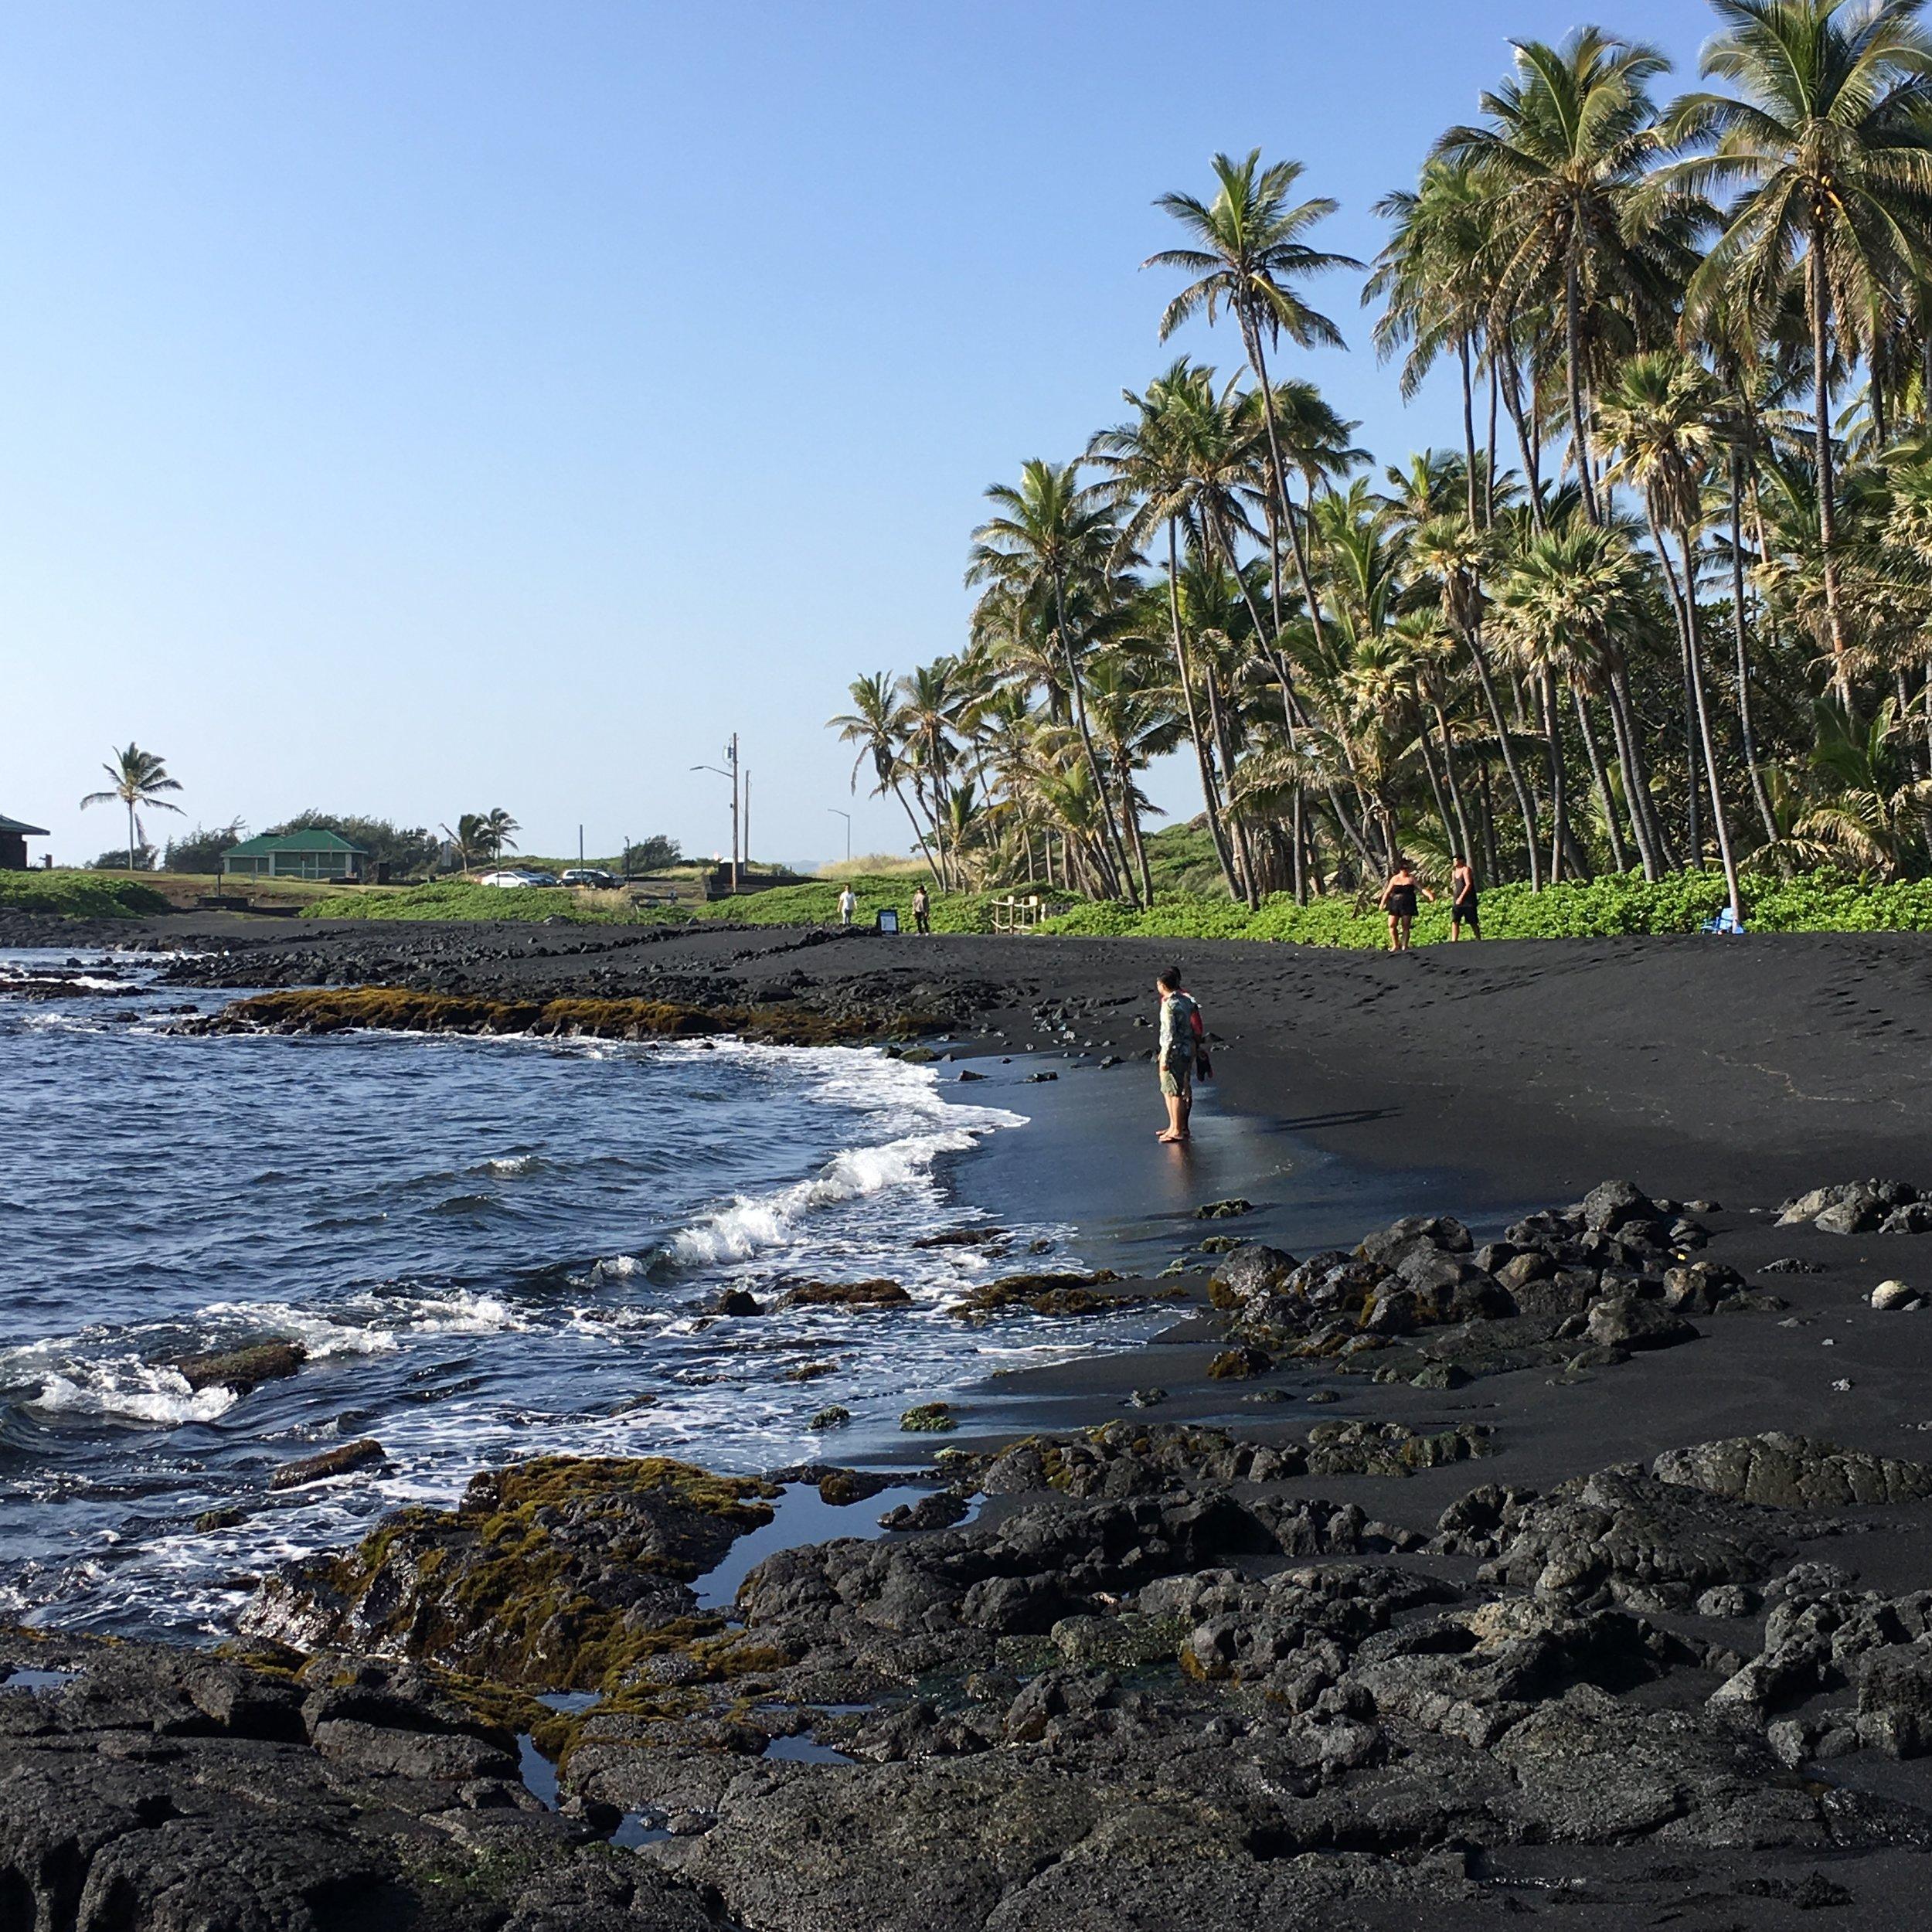 BIG ISLAND, HAWAII